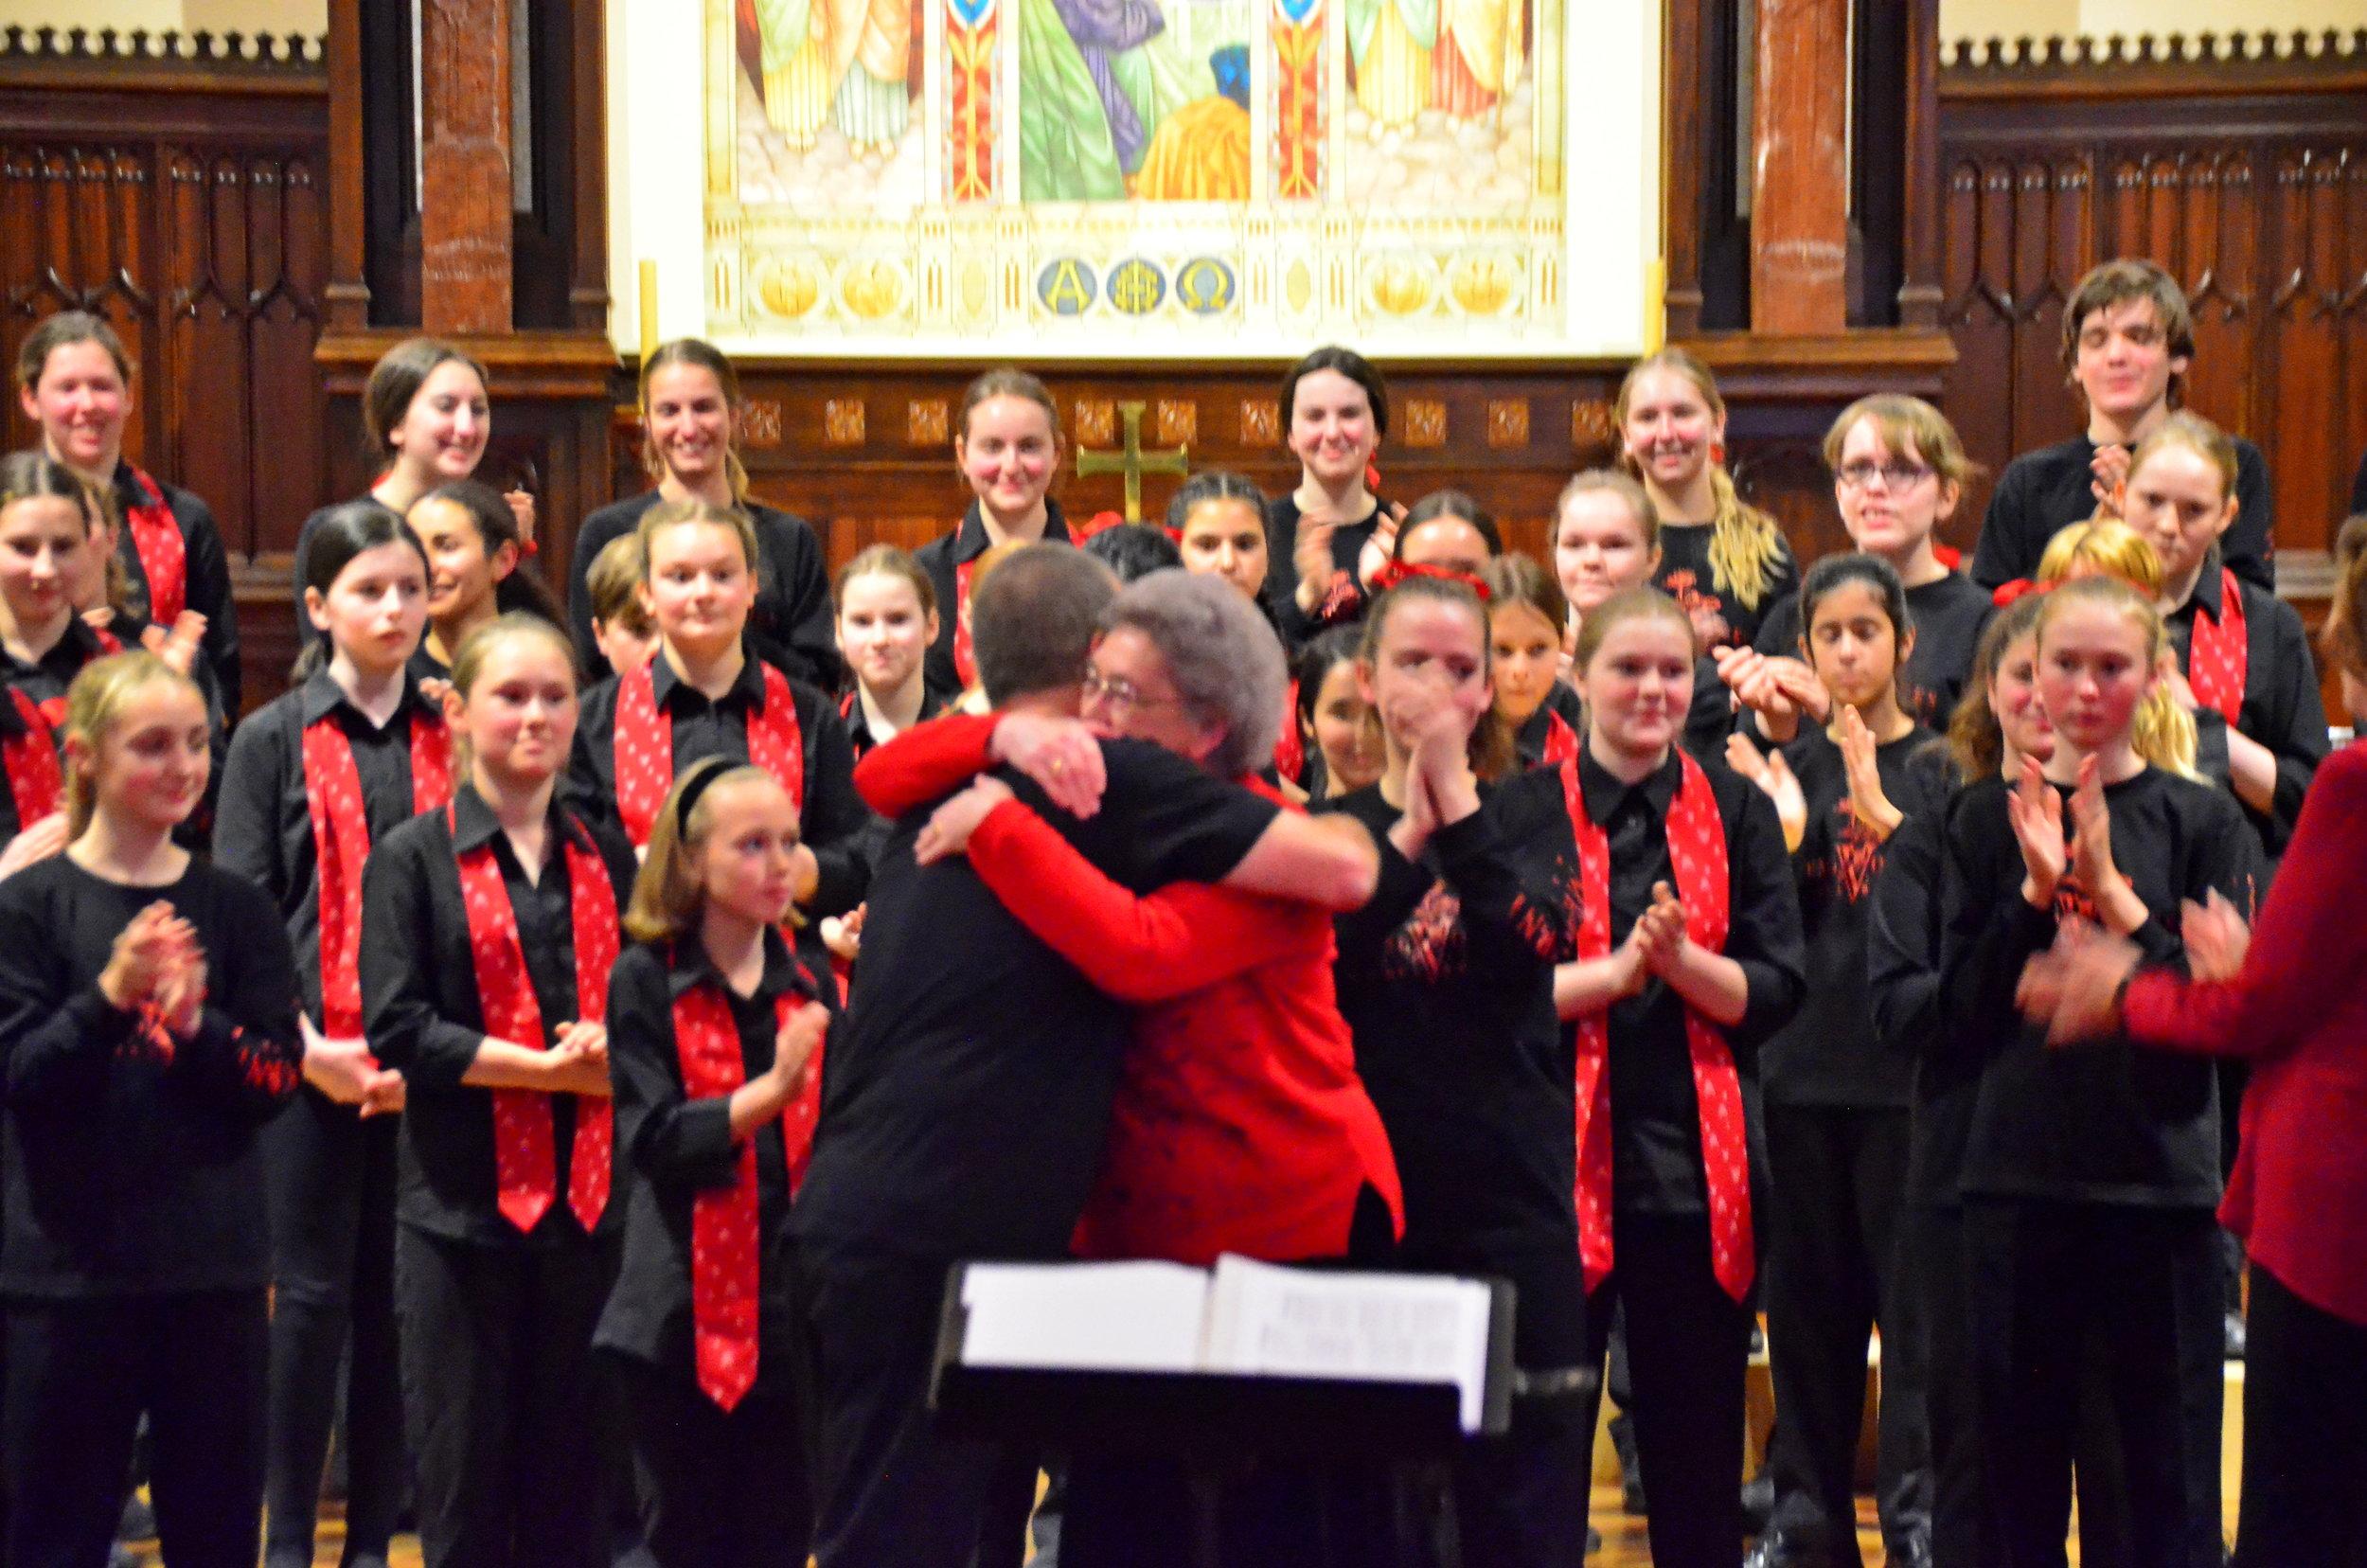 Bendigo Youth Choir & young voices of melbourne